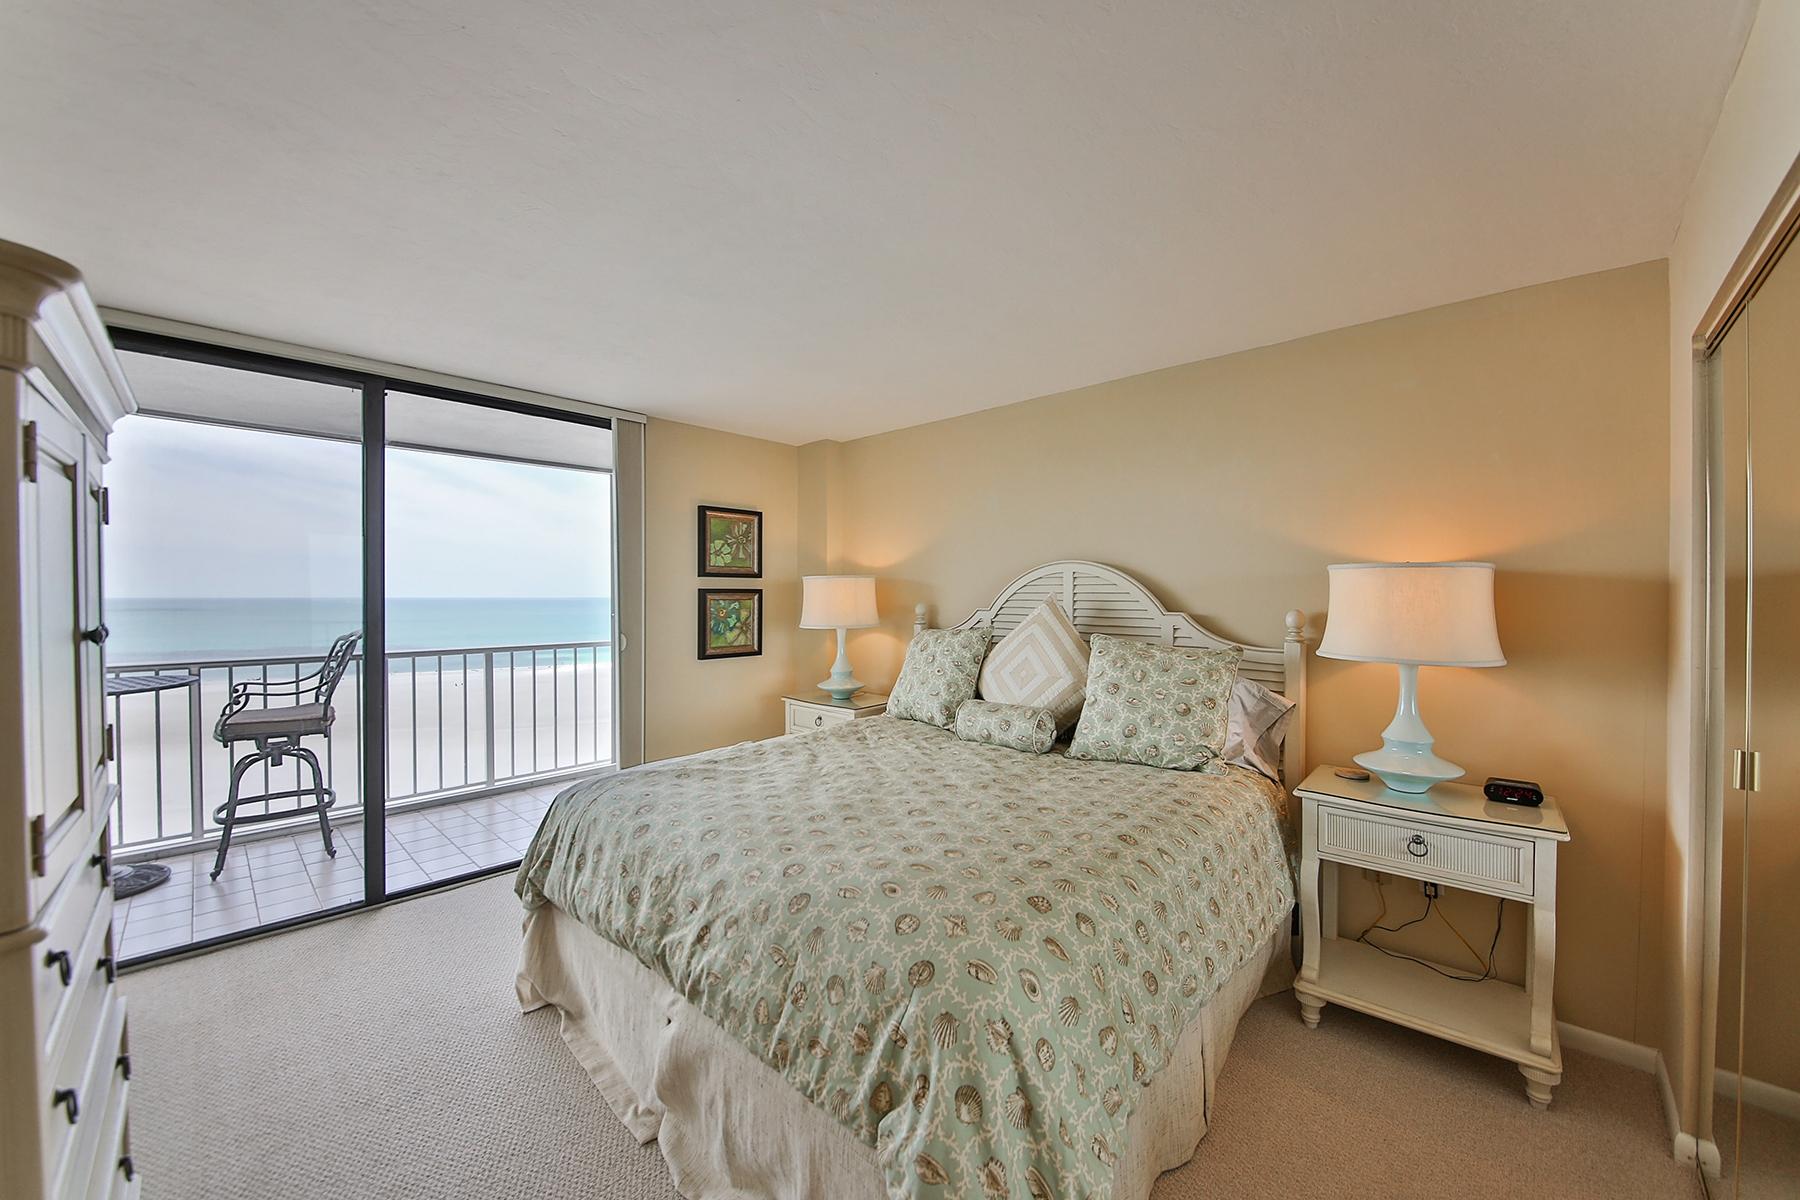 共管式独立产权公寓 为 销售 在 MARCO ISLAND 320 Seaview Ct 1805 马可岛, 佛罗里达州, 34145 美国